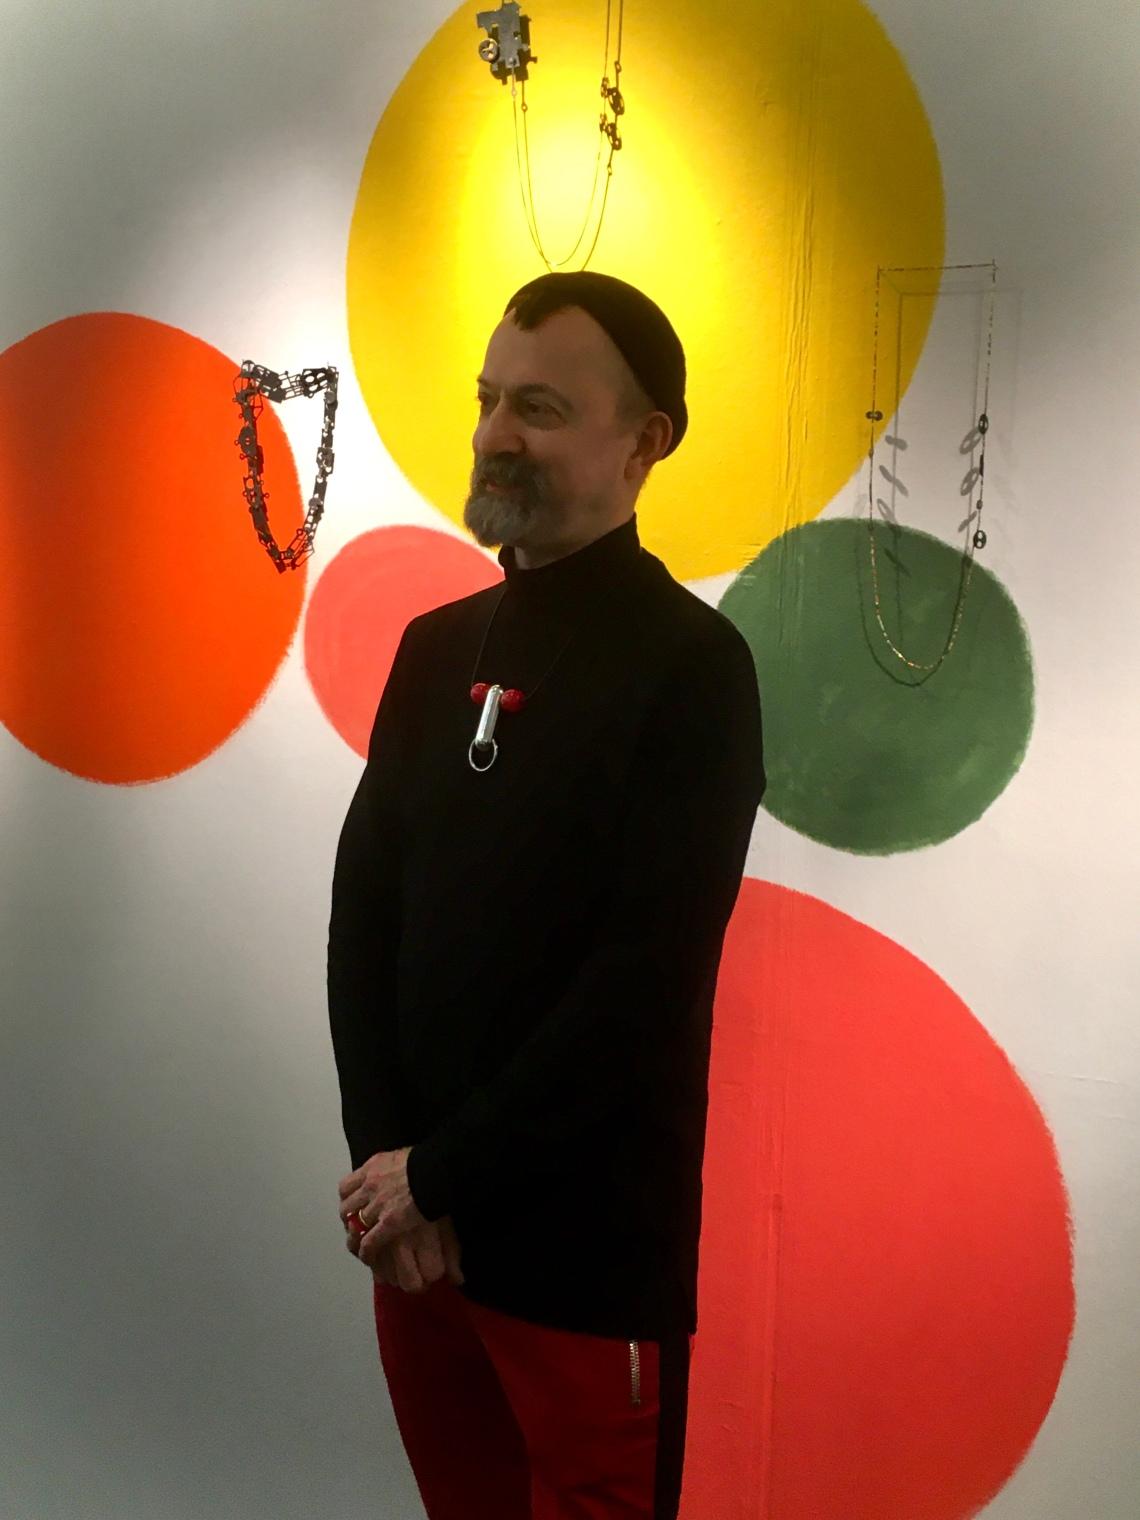 Paul Derrez in Galerie Ra, 21 december 2019. Foto met dank aan Birgit Laken©